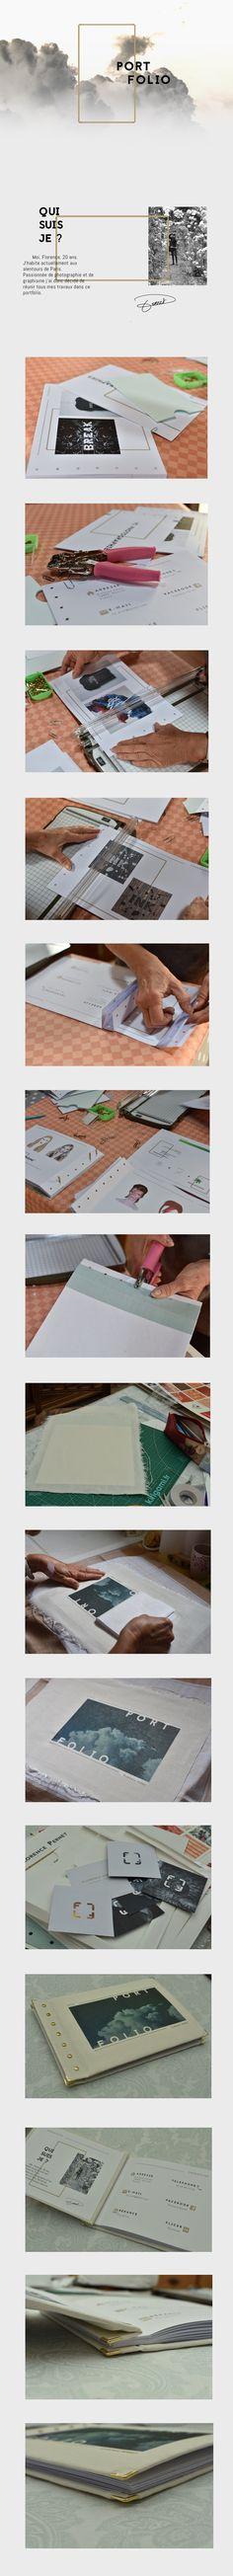 Réalisation d'un portfolio à la main.